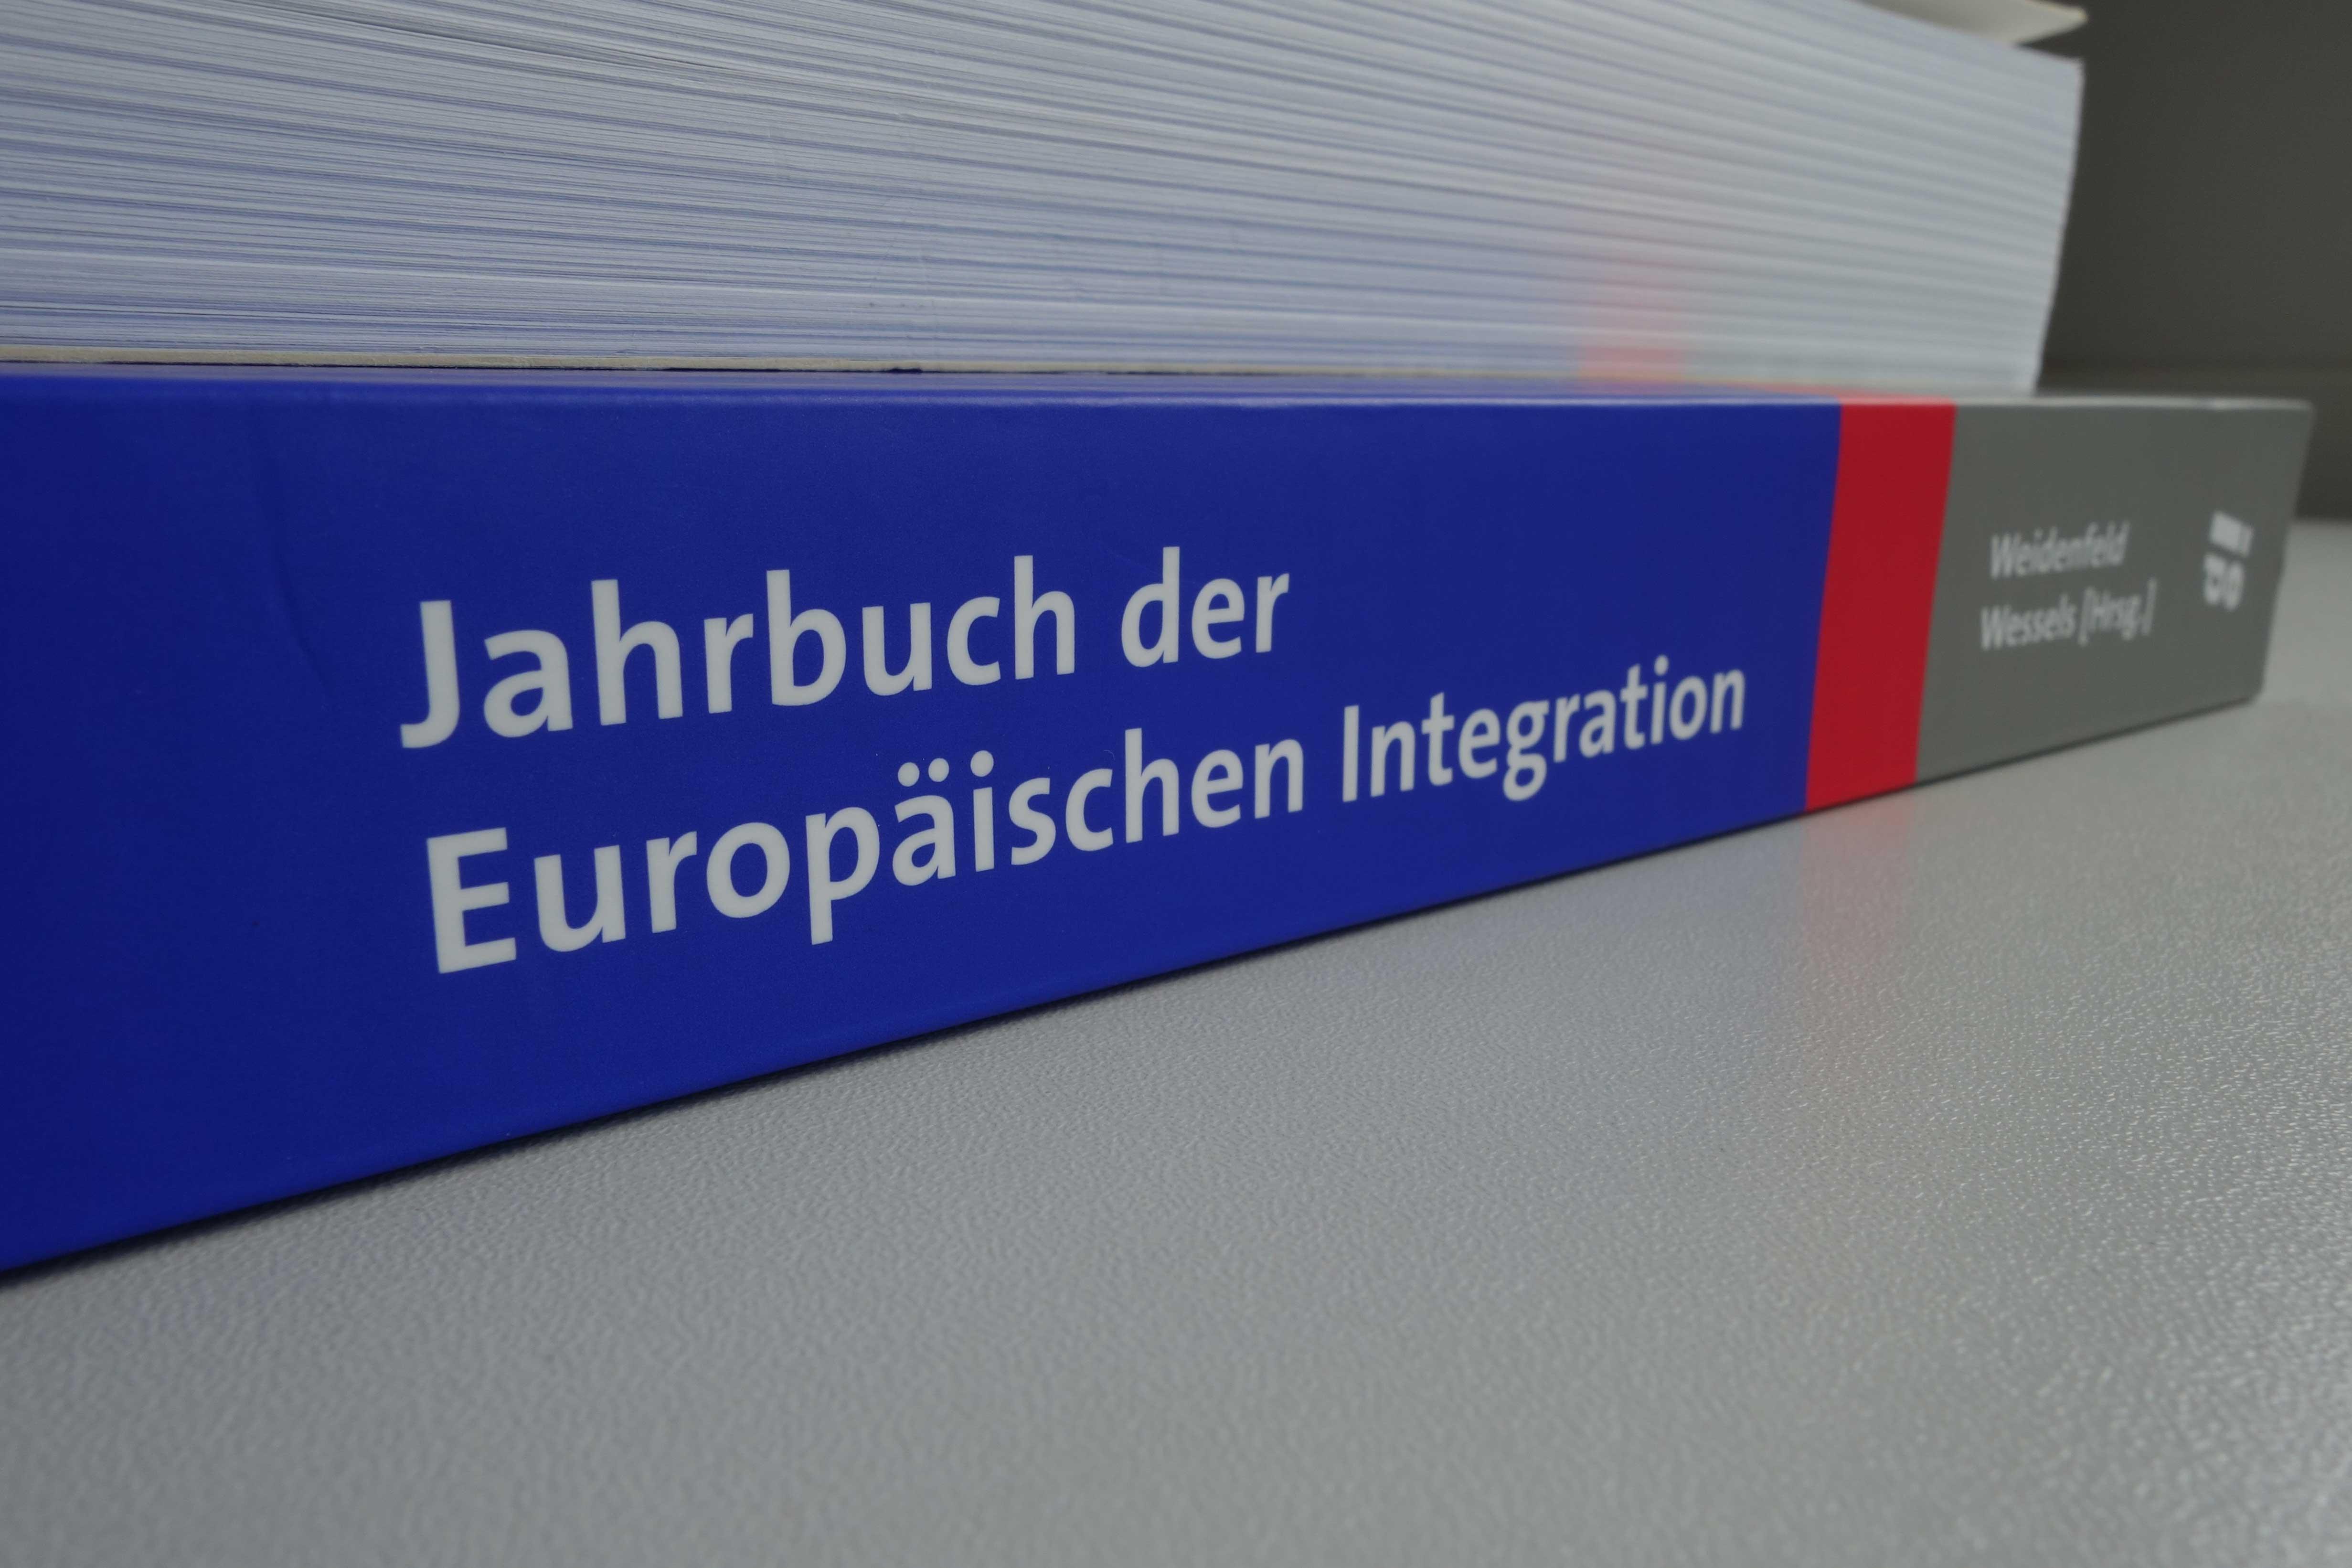 """Jahrbuch der Europäischen Integration 2016"""" erscheint im Dezember ..."""